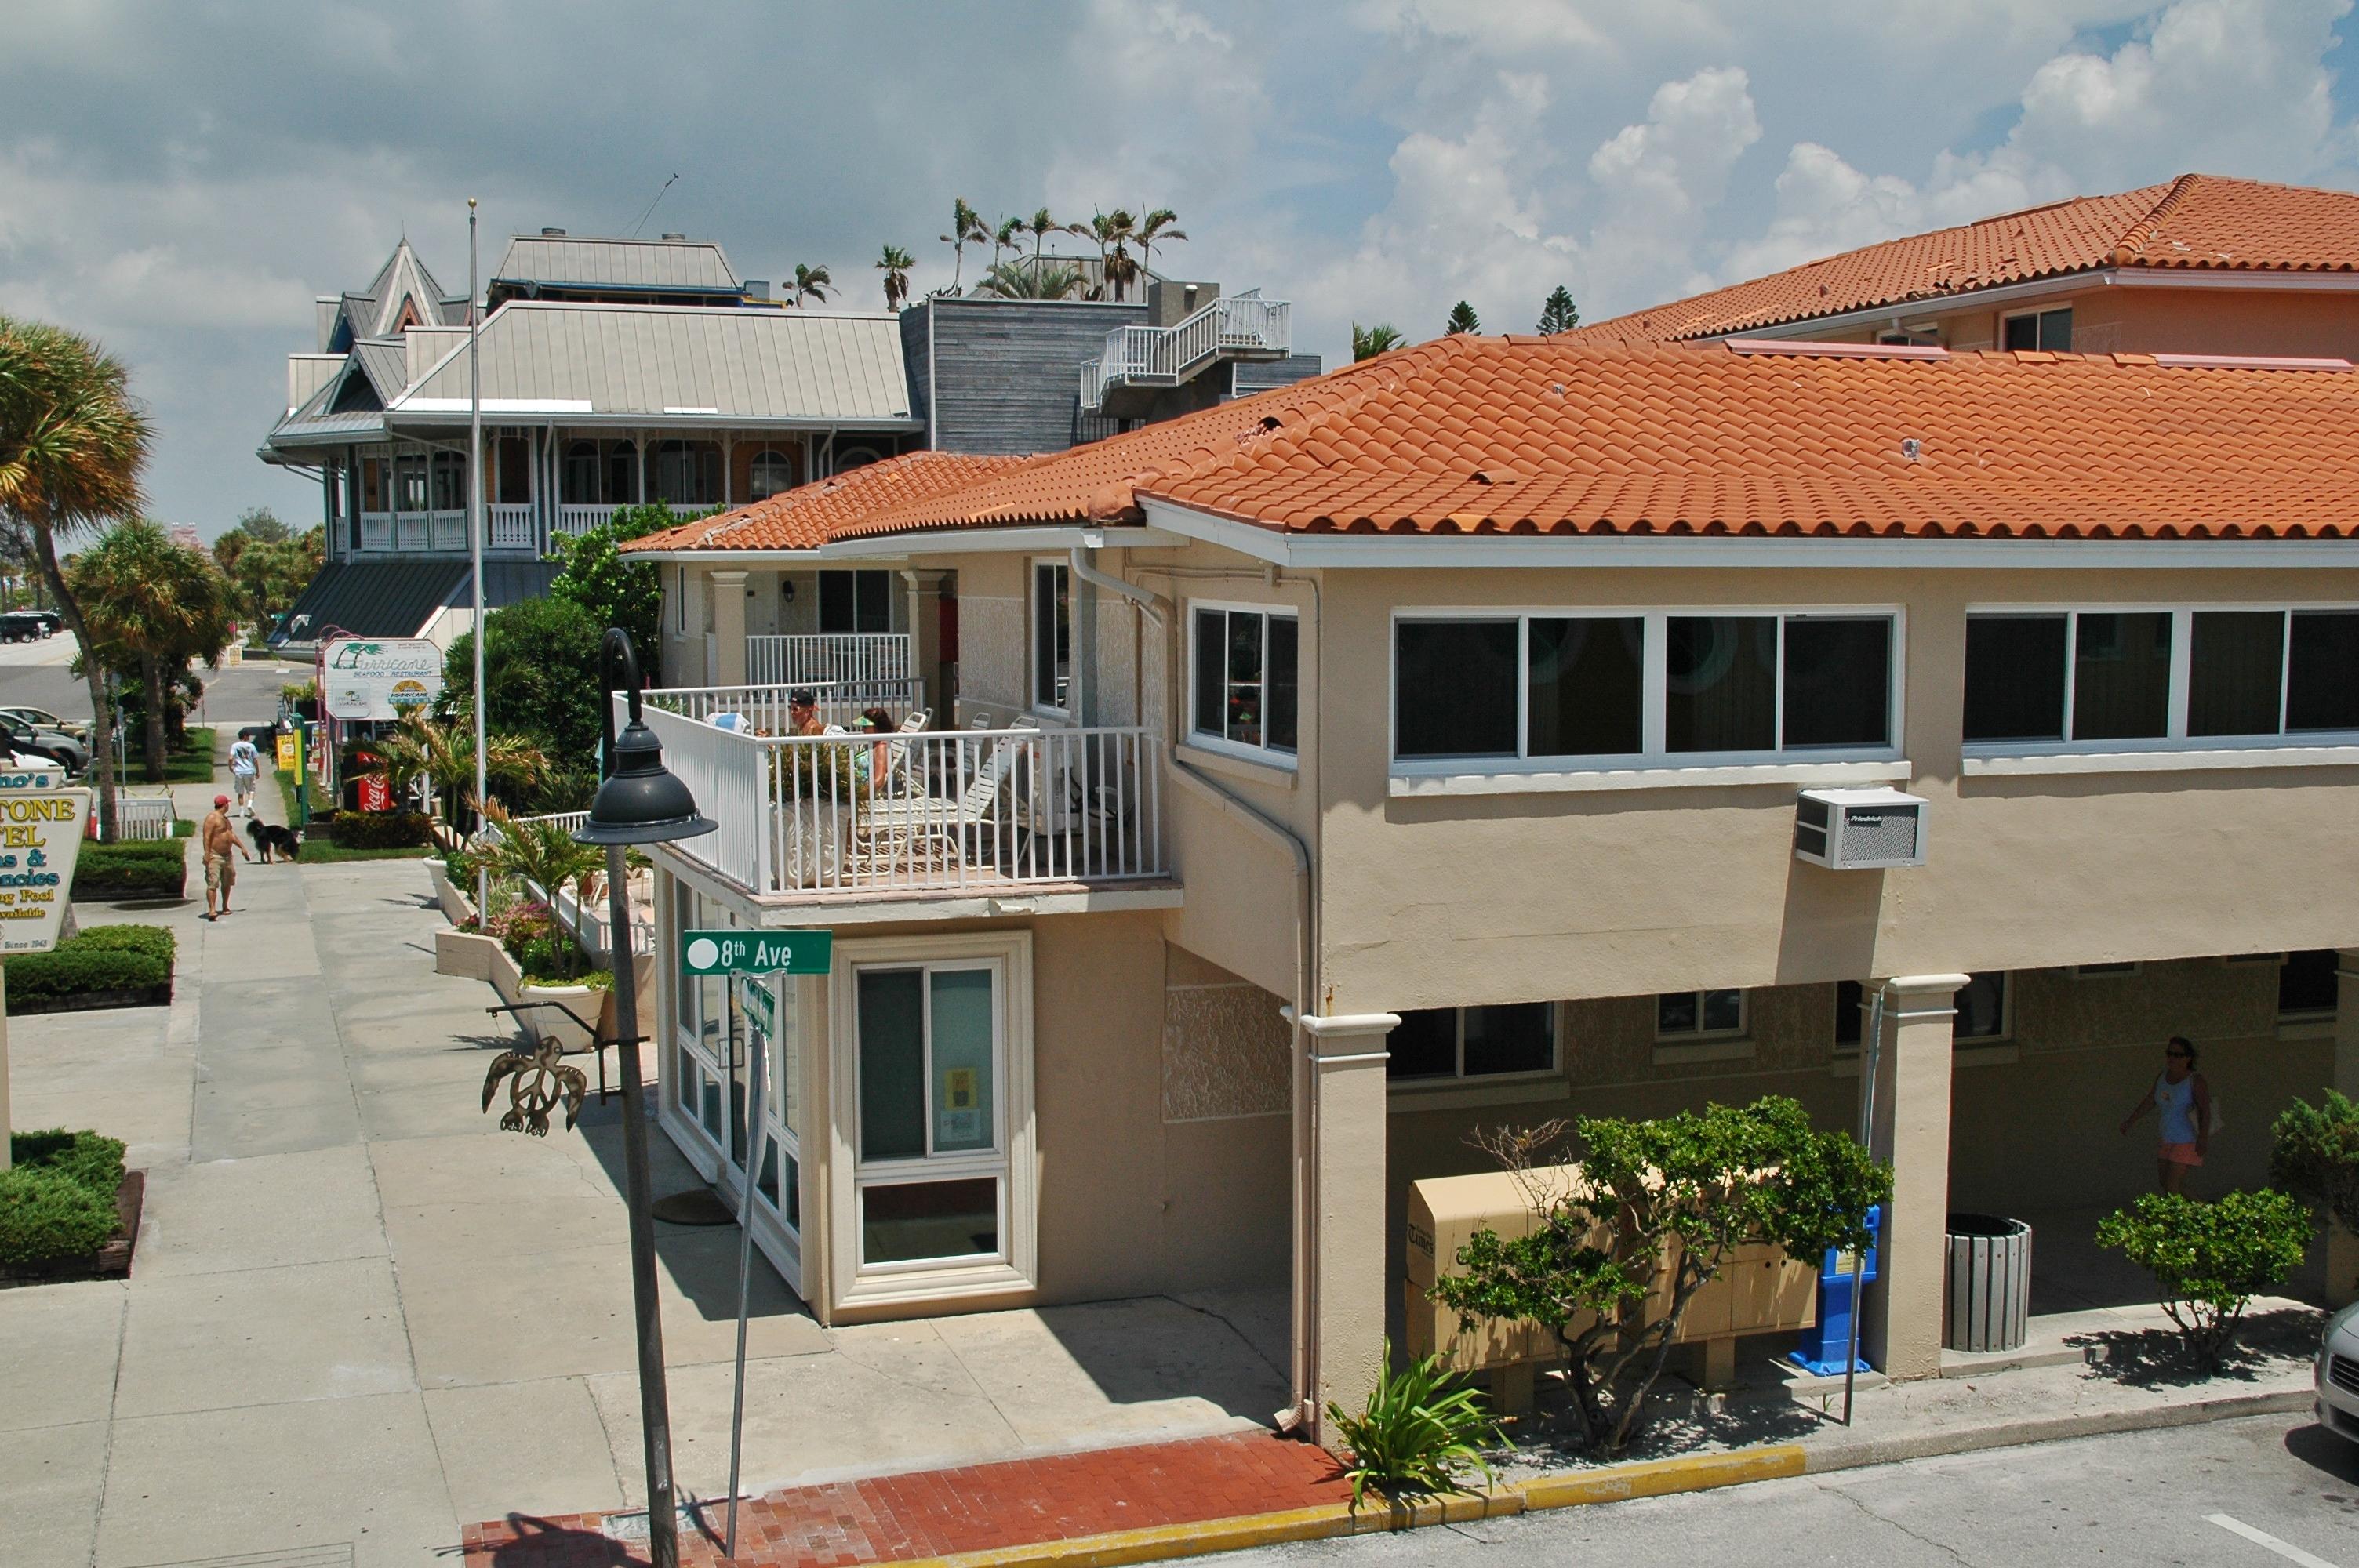 File Keystone Motel St Pete Beach Panoramio Jpg